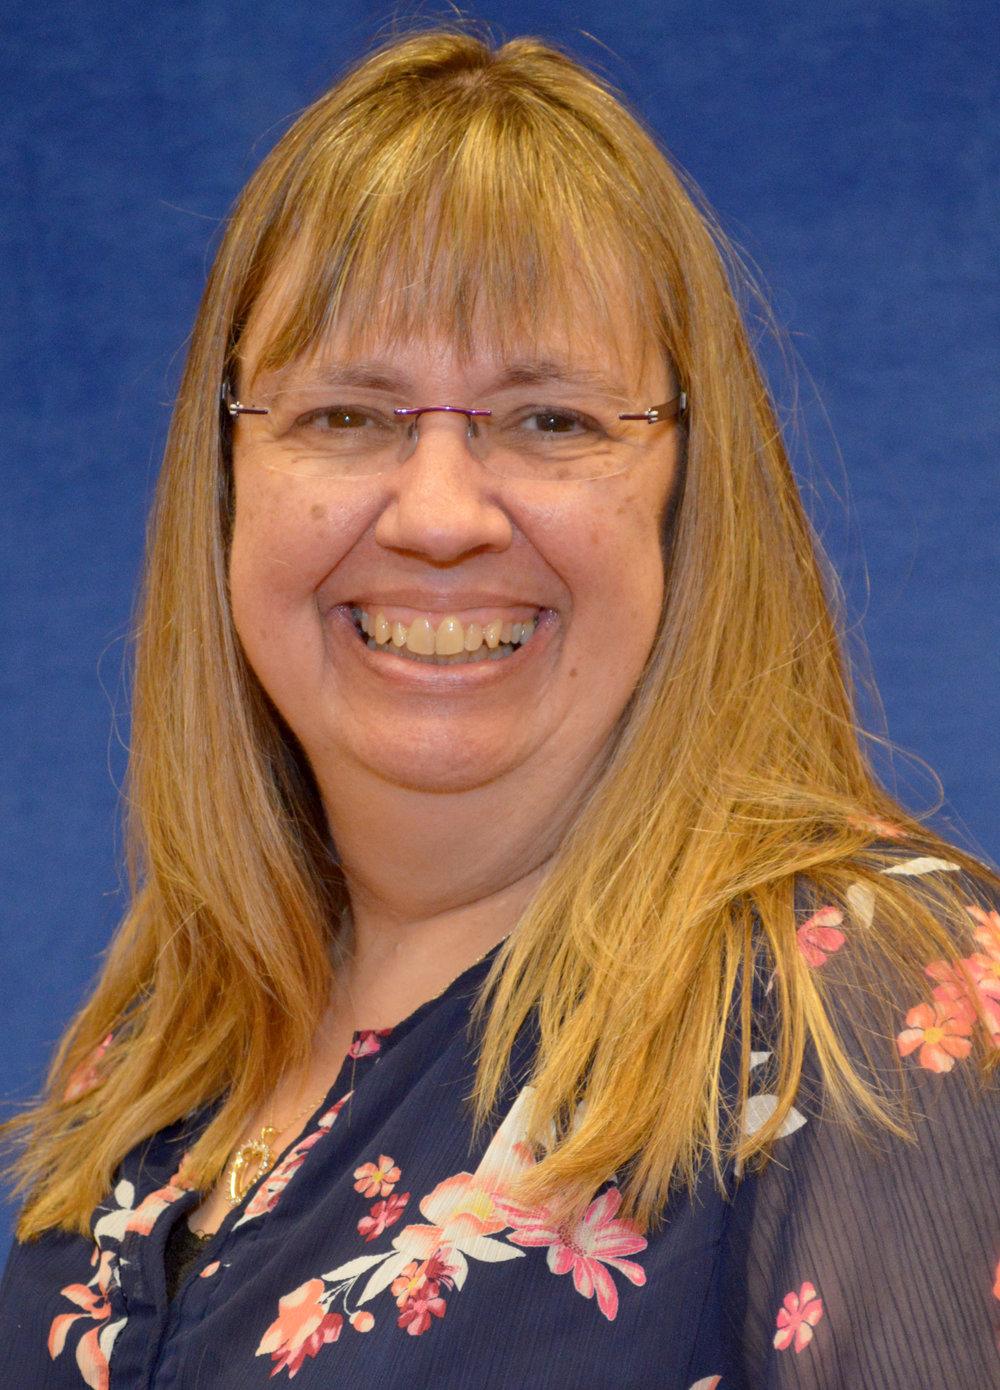 HUTTON_Diane_Lecturer_DSC_0326.JPG